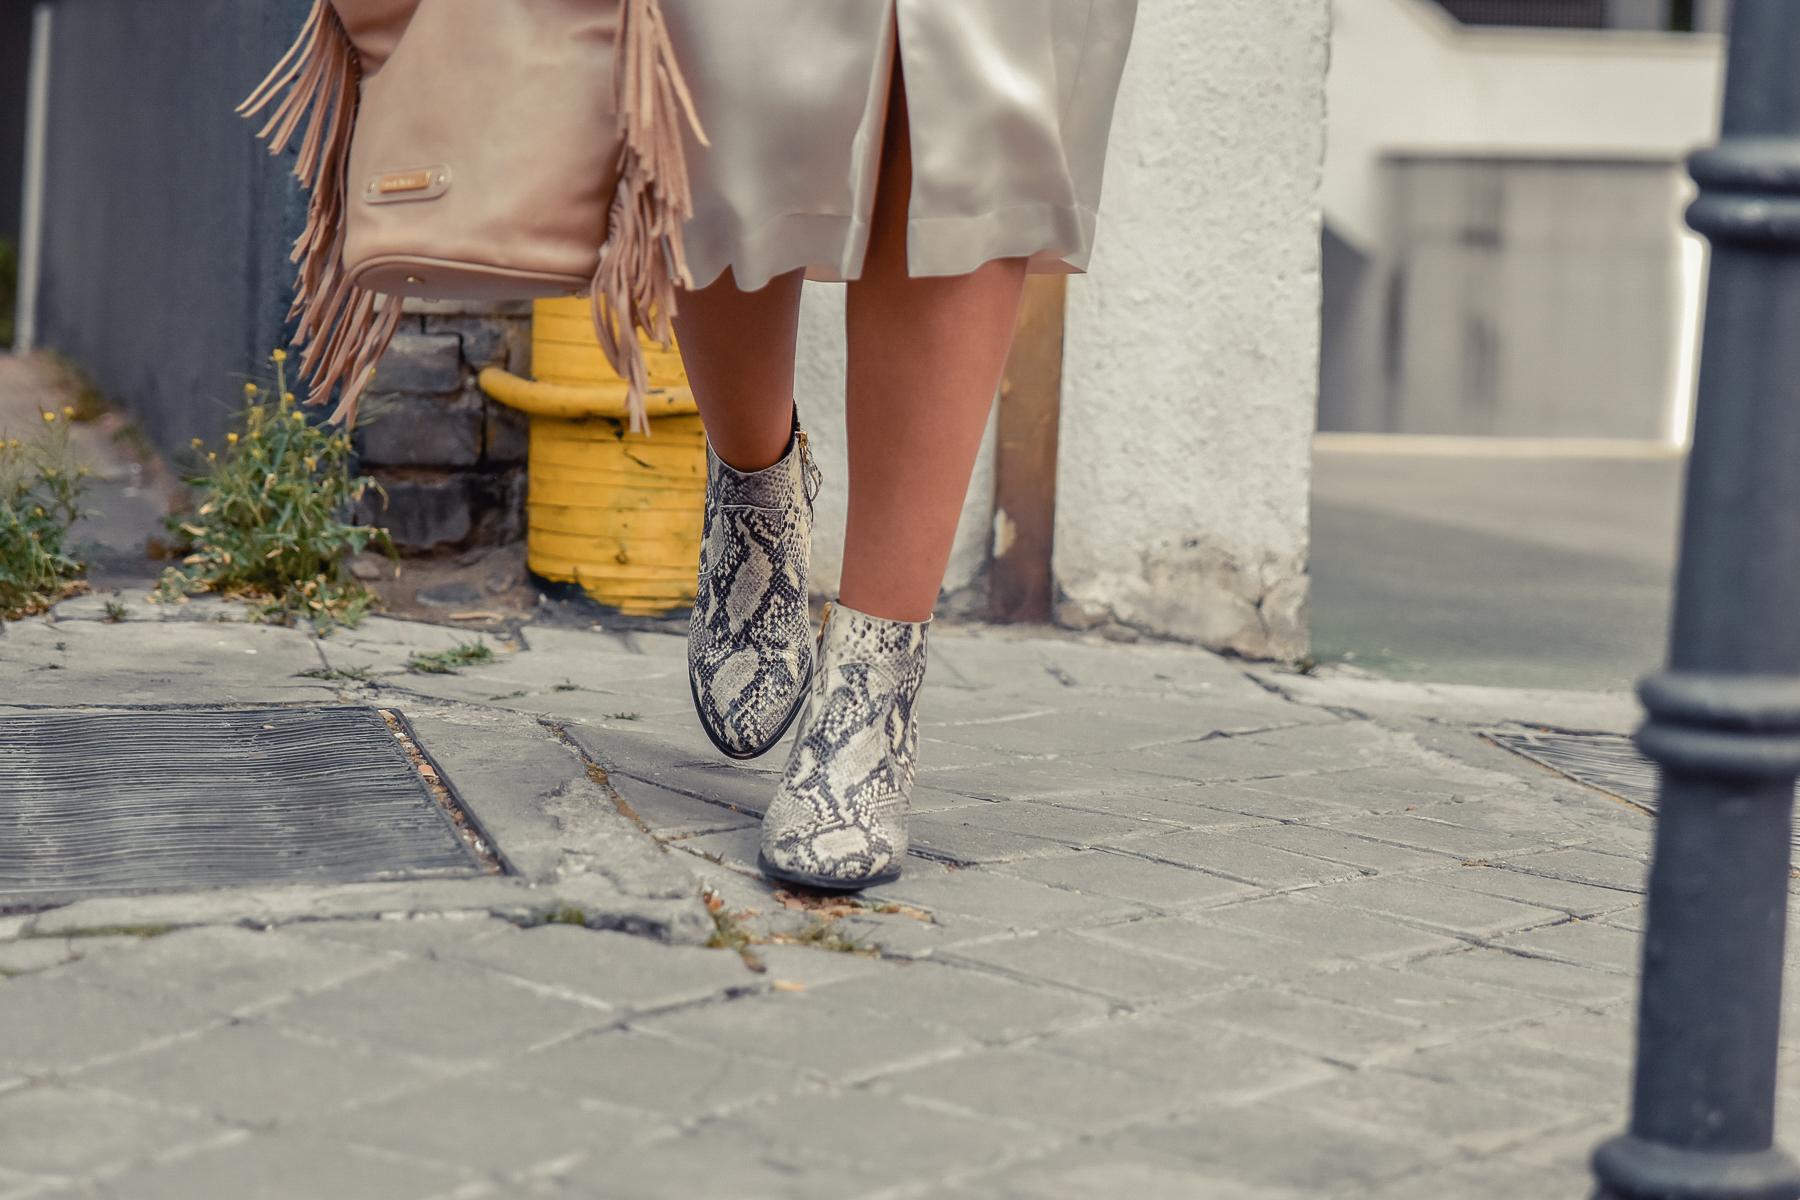 el-blog-de-silvia-look-safari-vestido-beige-botines-animal-print-09